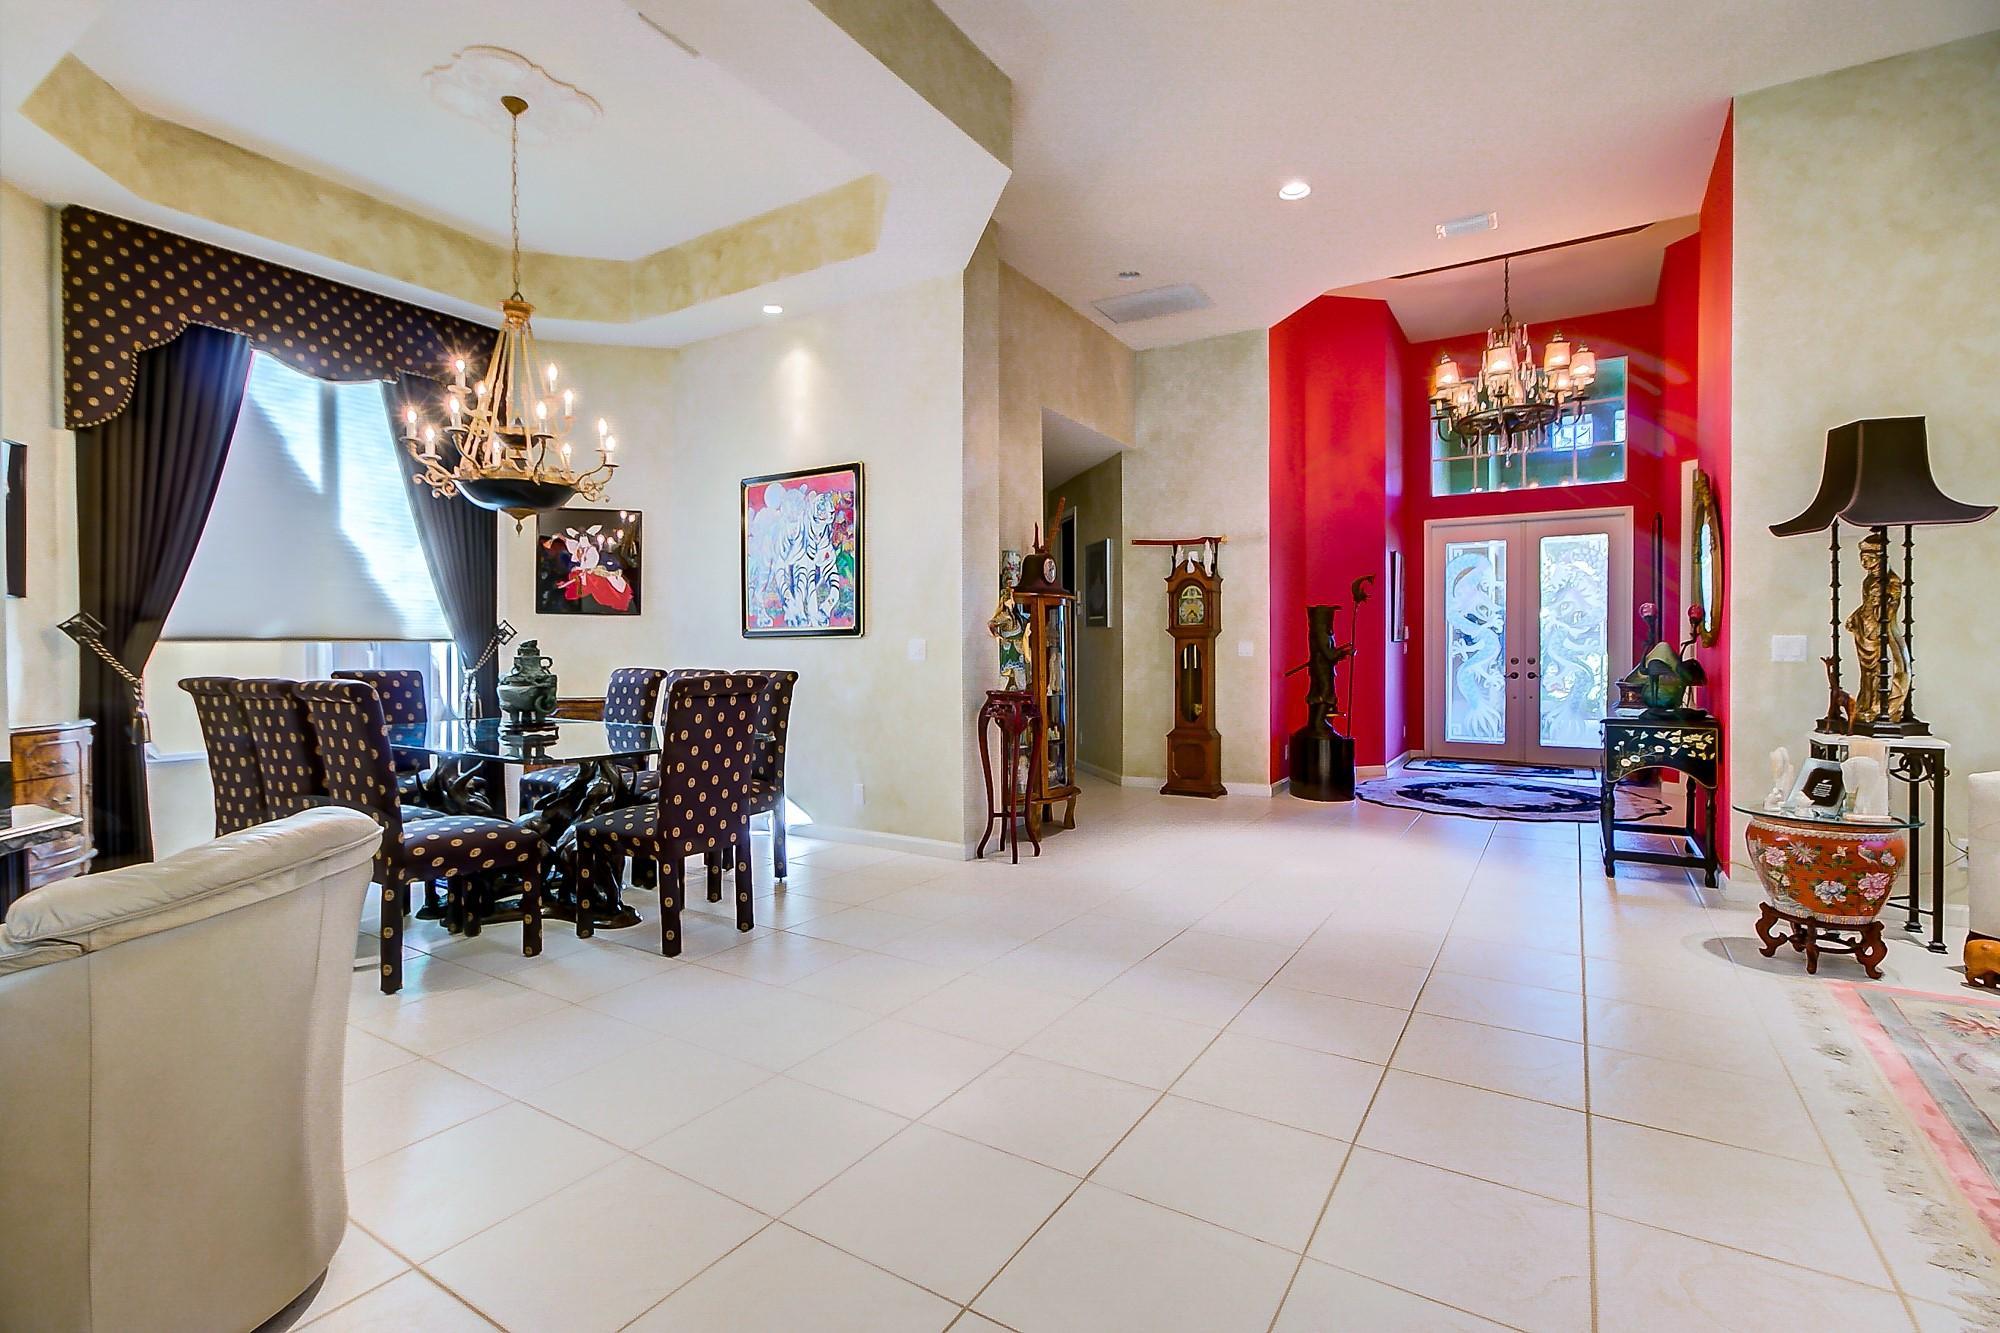 Dining room & foyer